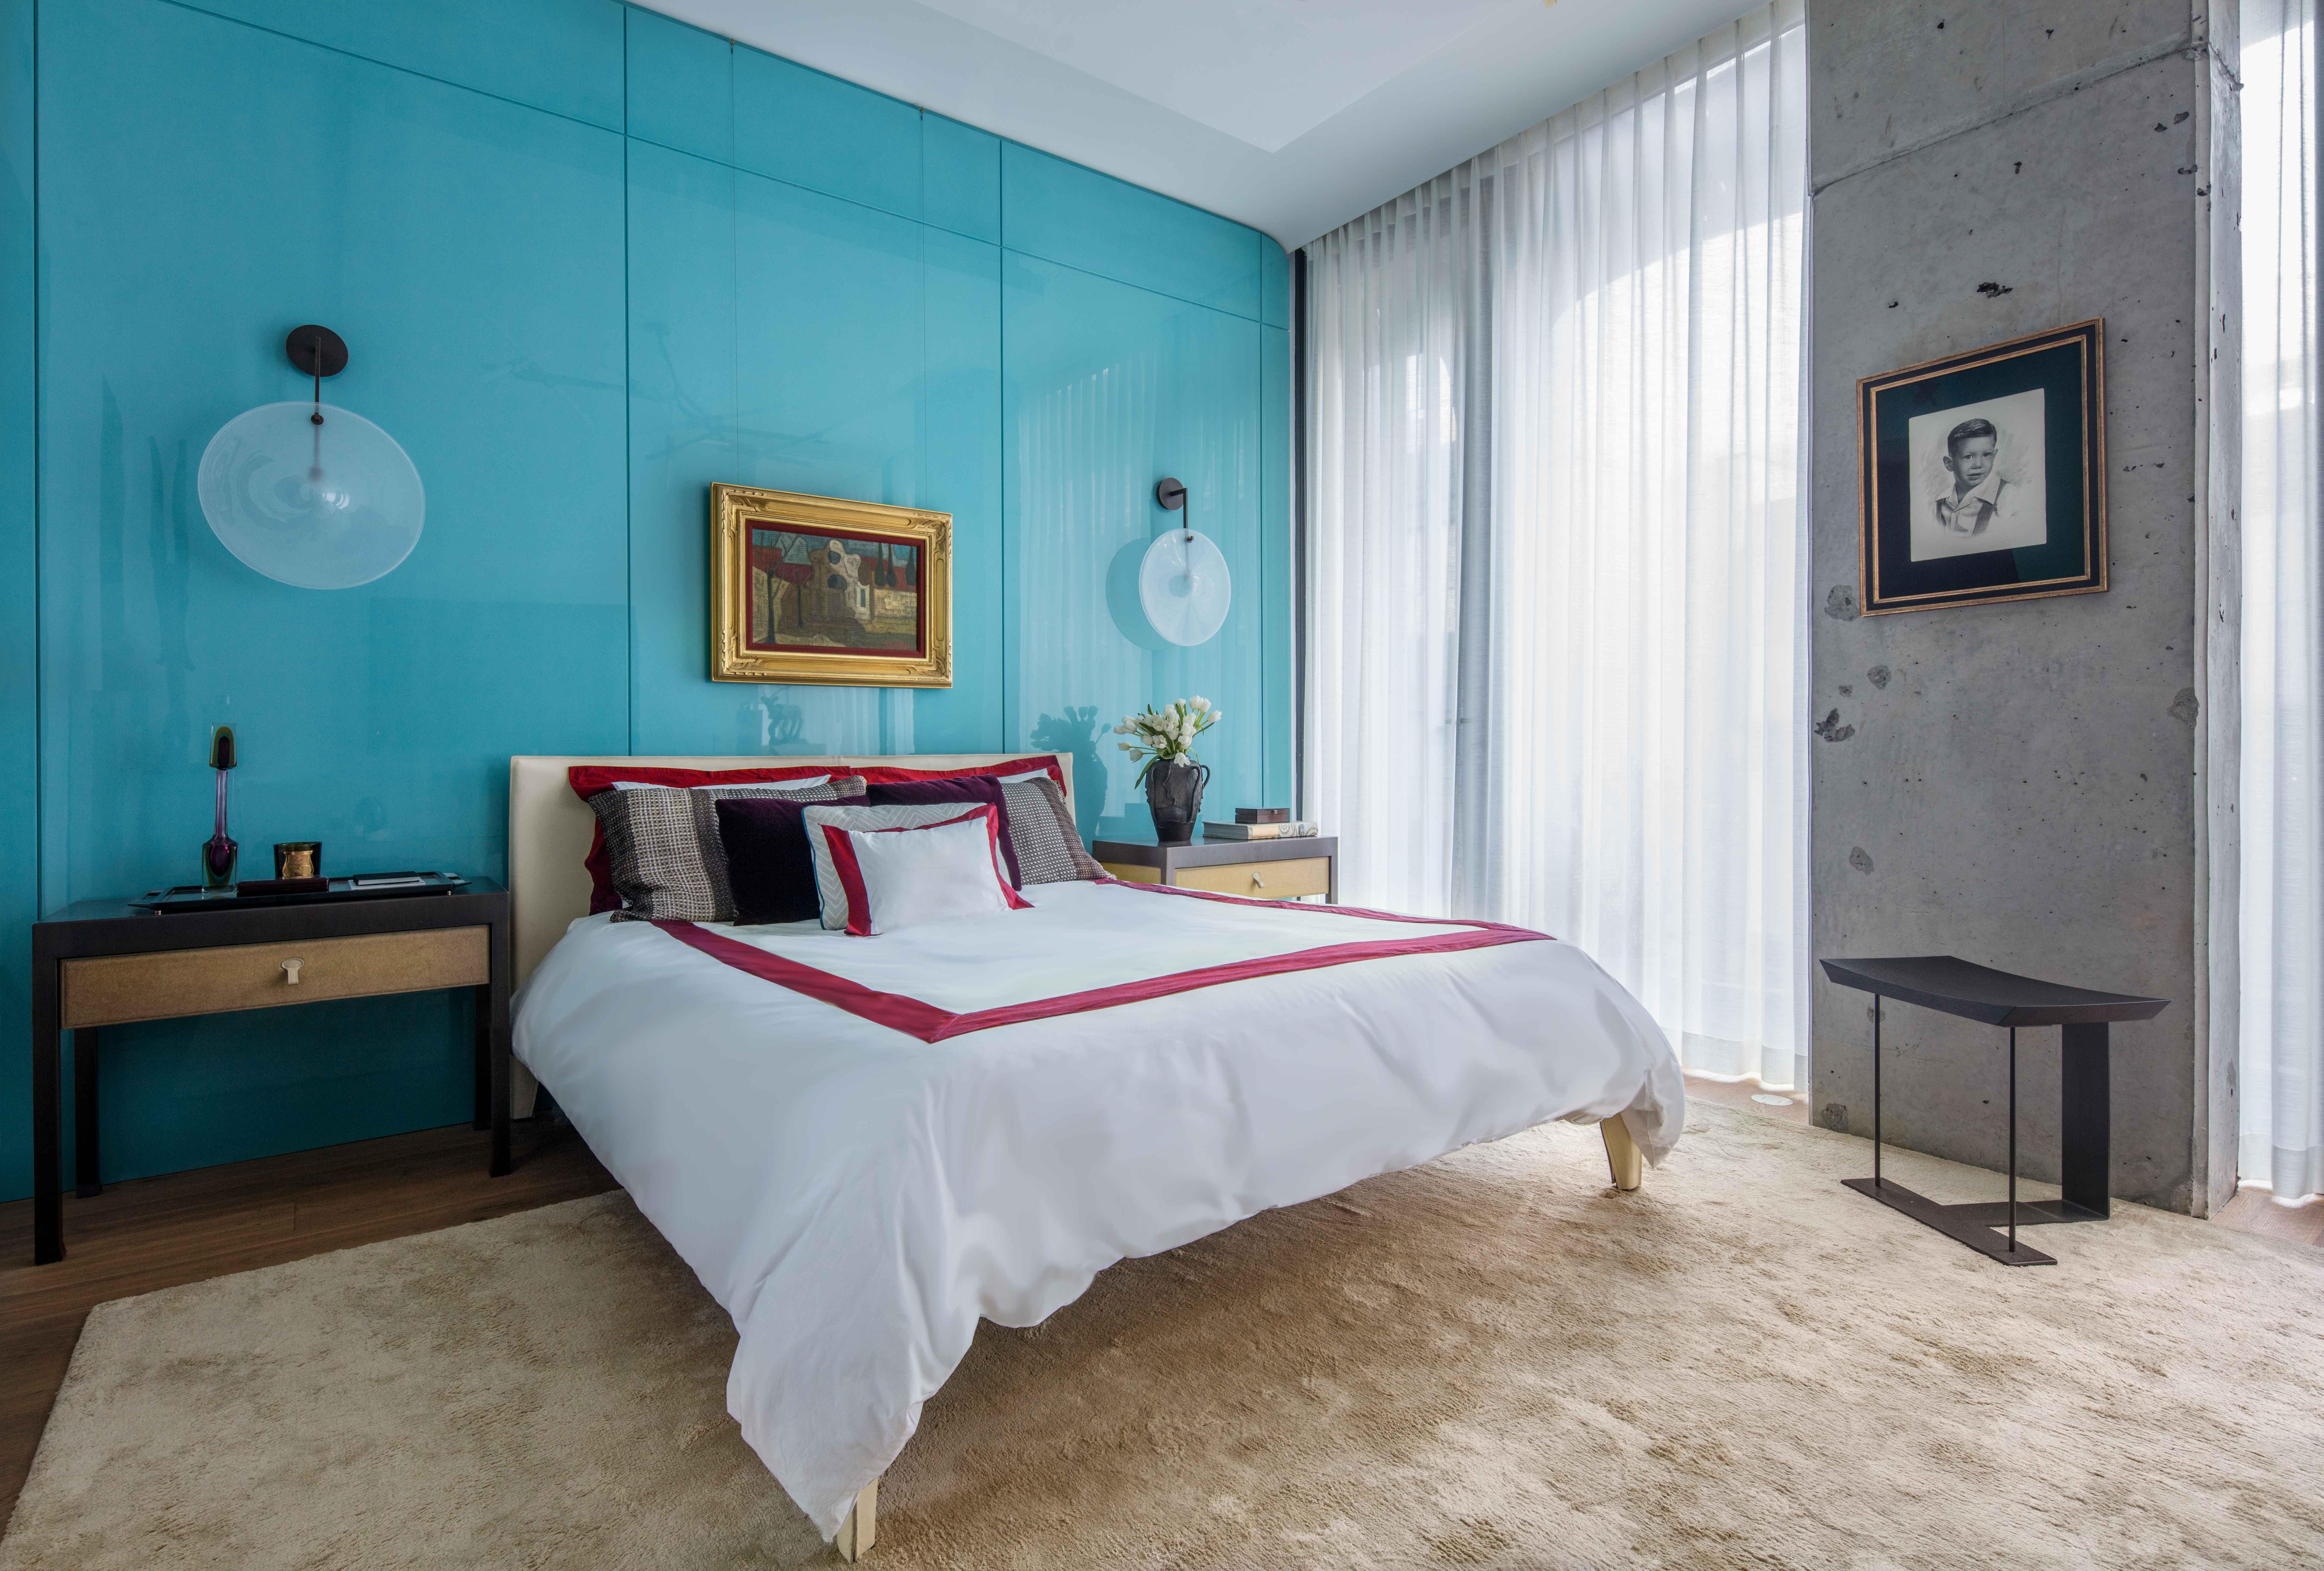 Nicole-Fuller-Interior-Designer-soho-residence-bedroom-7